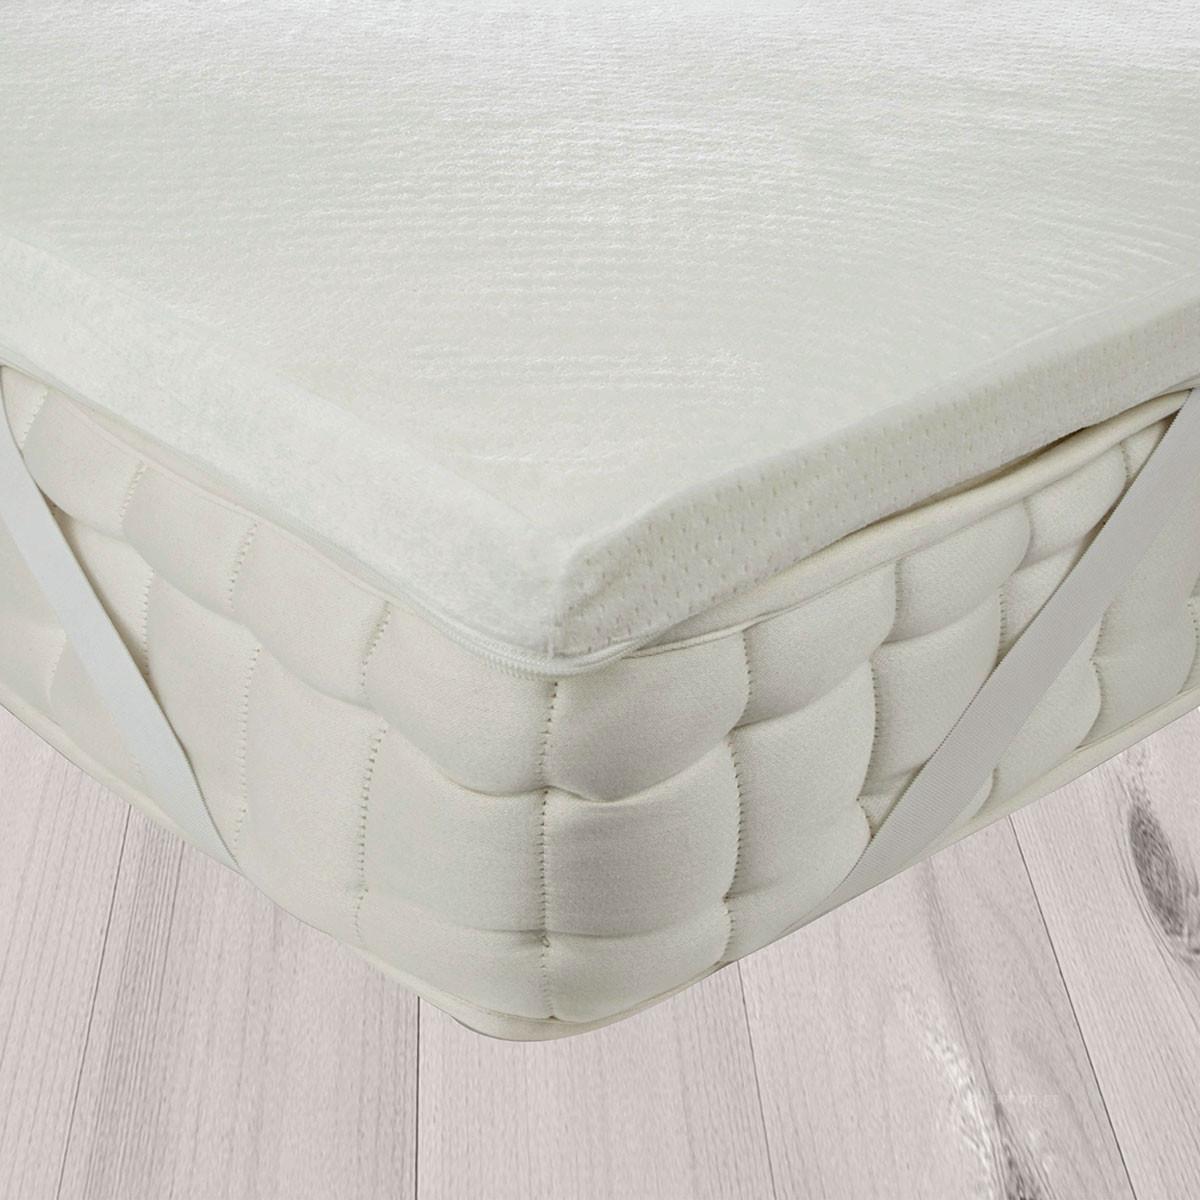 Ανώστρωμα King Size (200x200) Anna Riska Memory Foam home   κρεβατοκάμαρα   επιστρώματα   ανωστρώματα